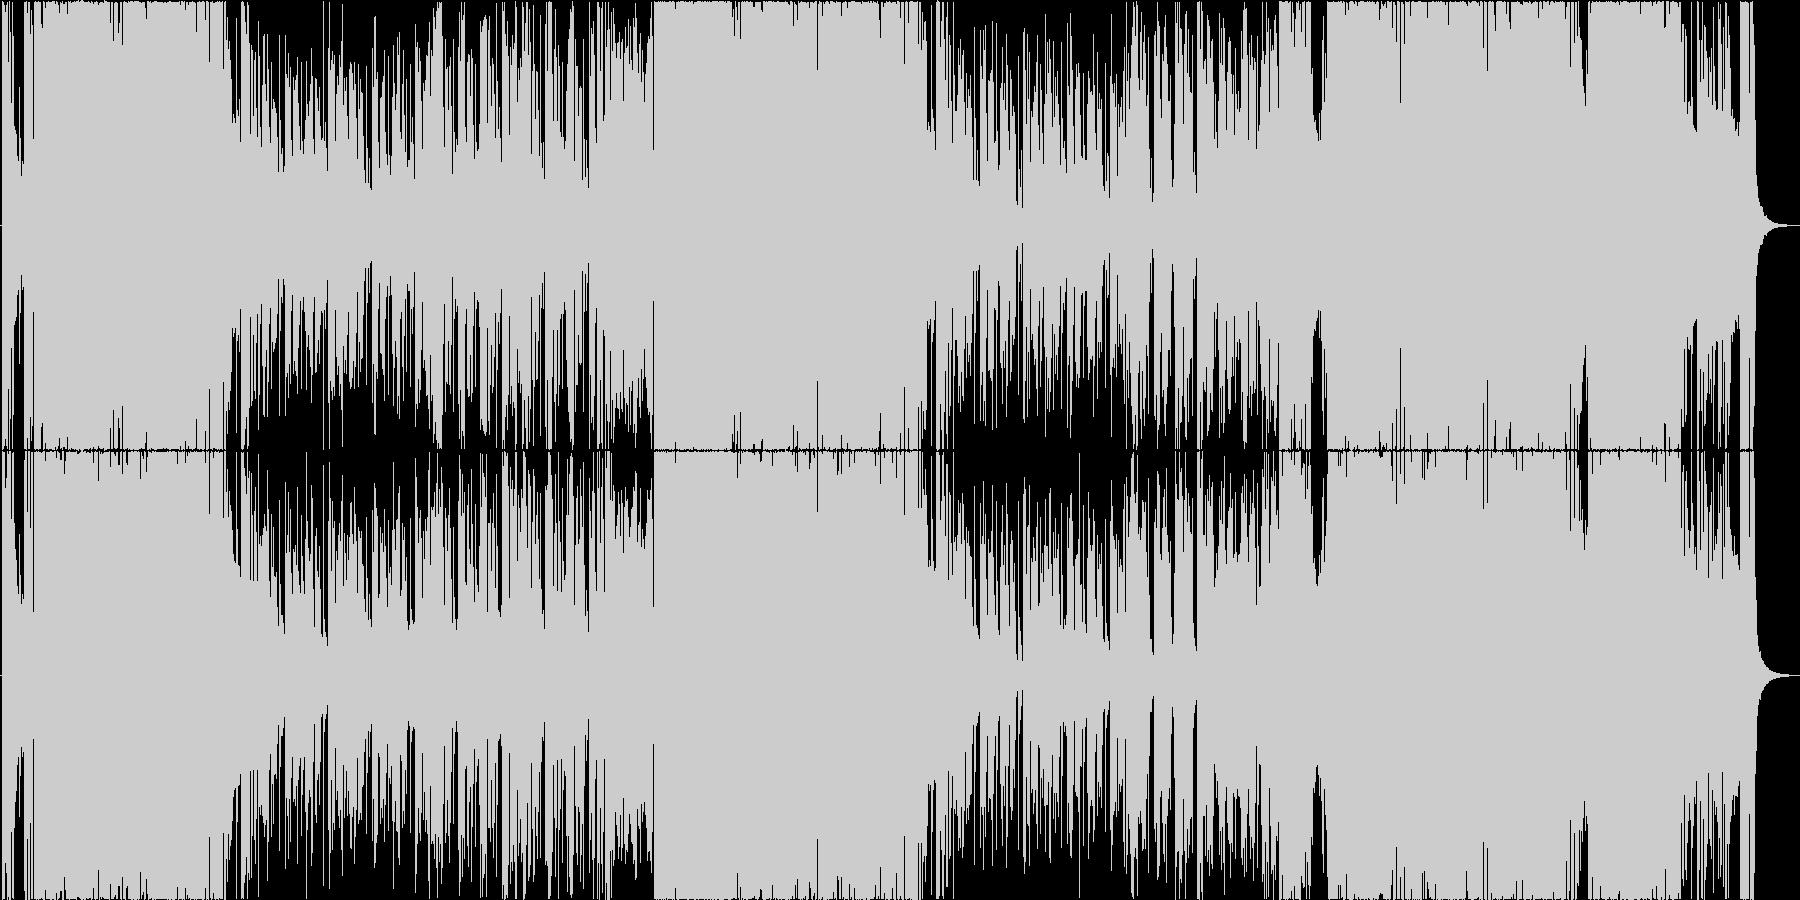 とにかくヘヴィで格好良いロックインストの未再生の波形